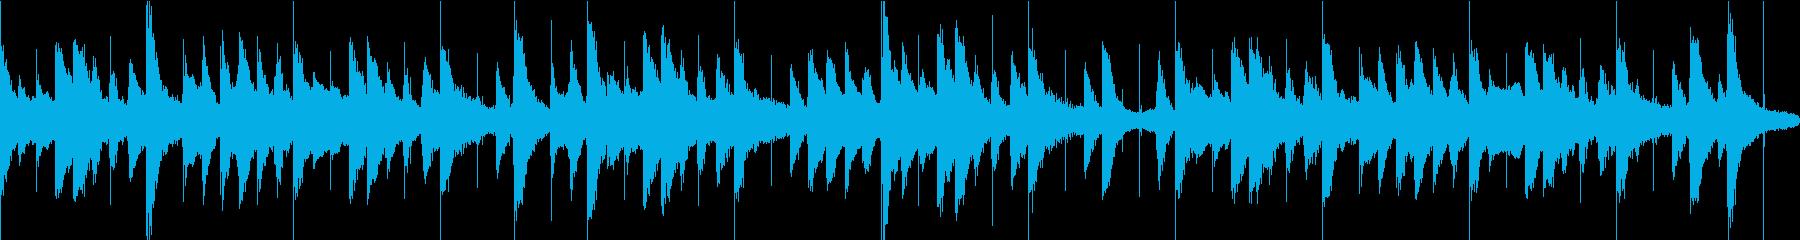 ほのぼの/アコースティックな30秒BGMの再生済みの波形